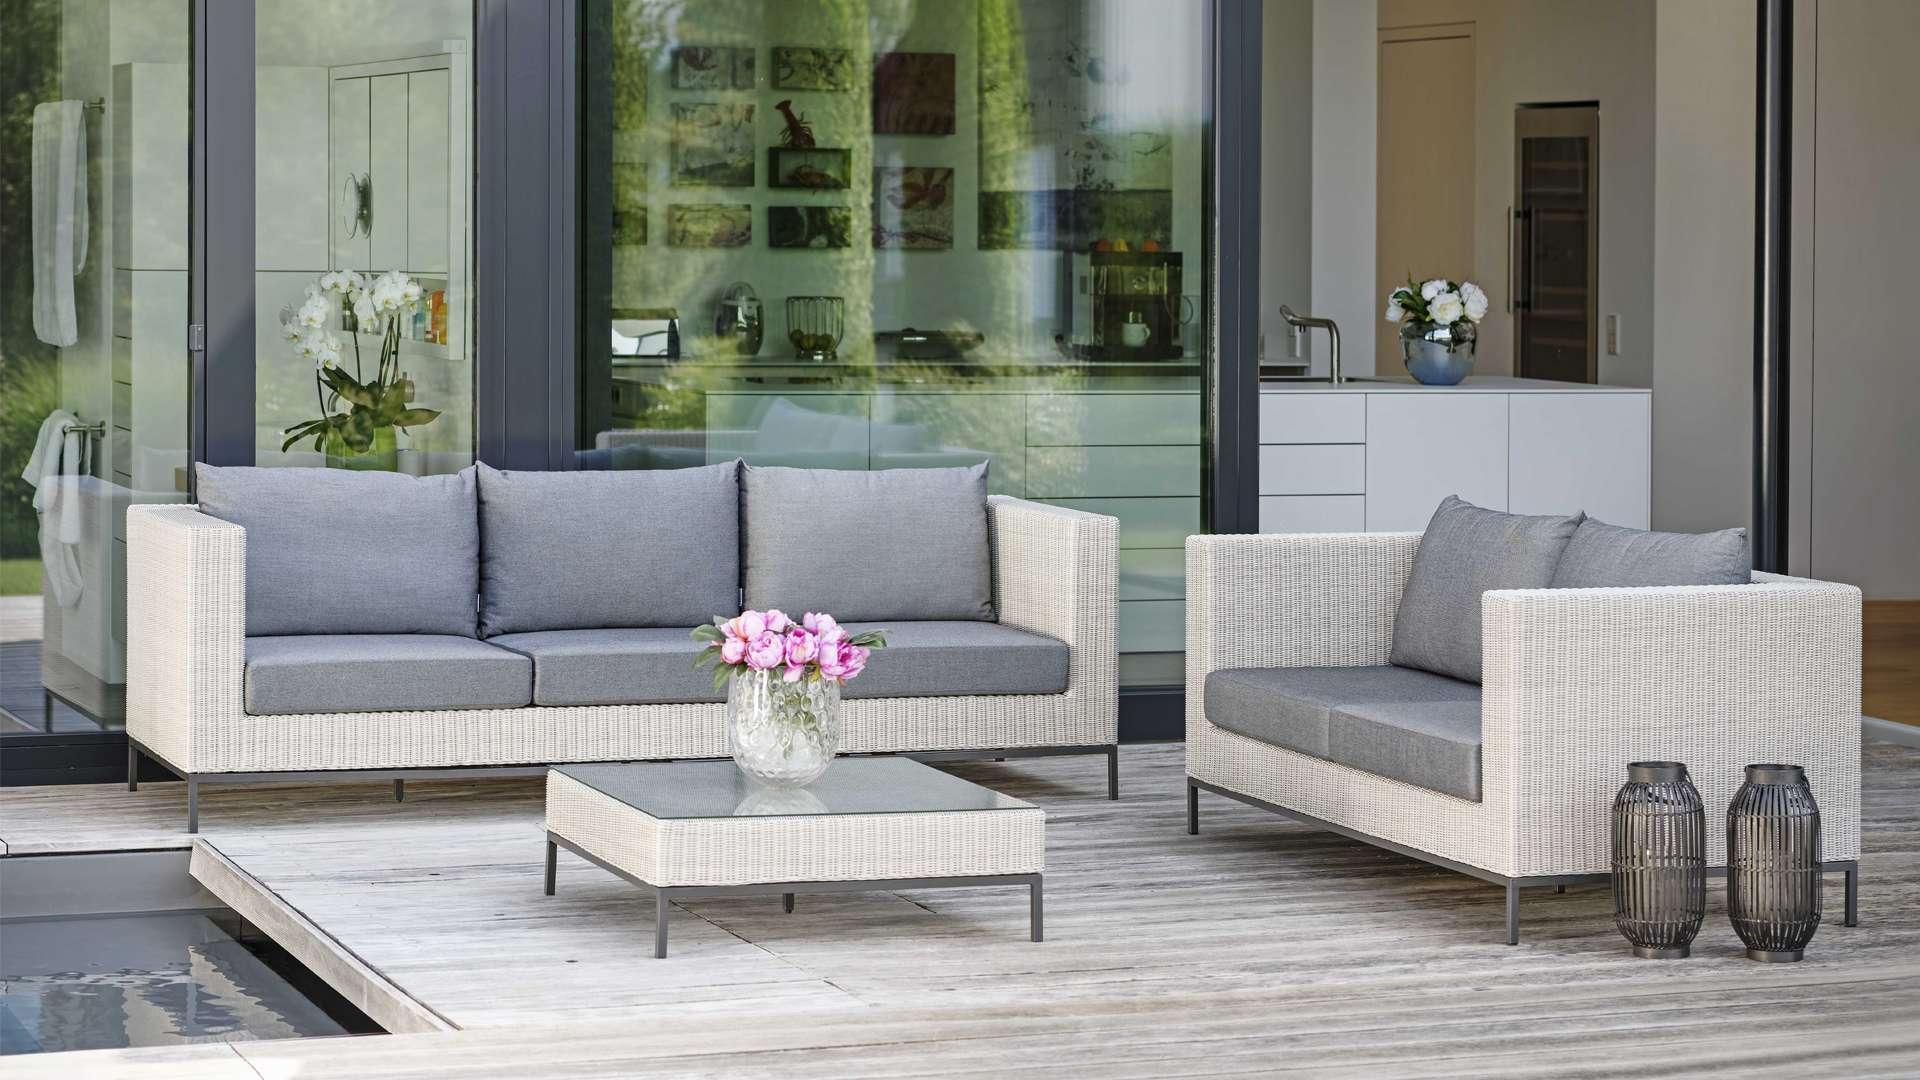 Lounge auf einer Terrasse neben einem Pool